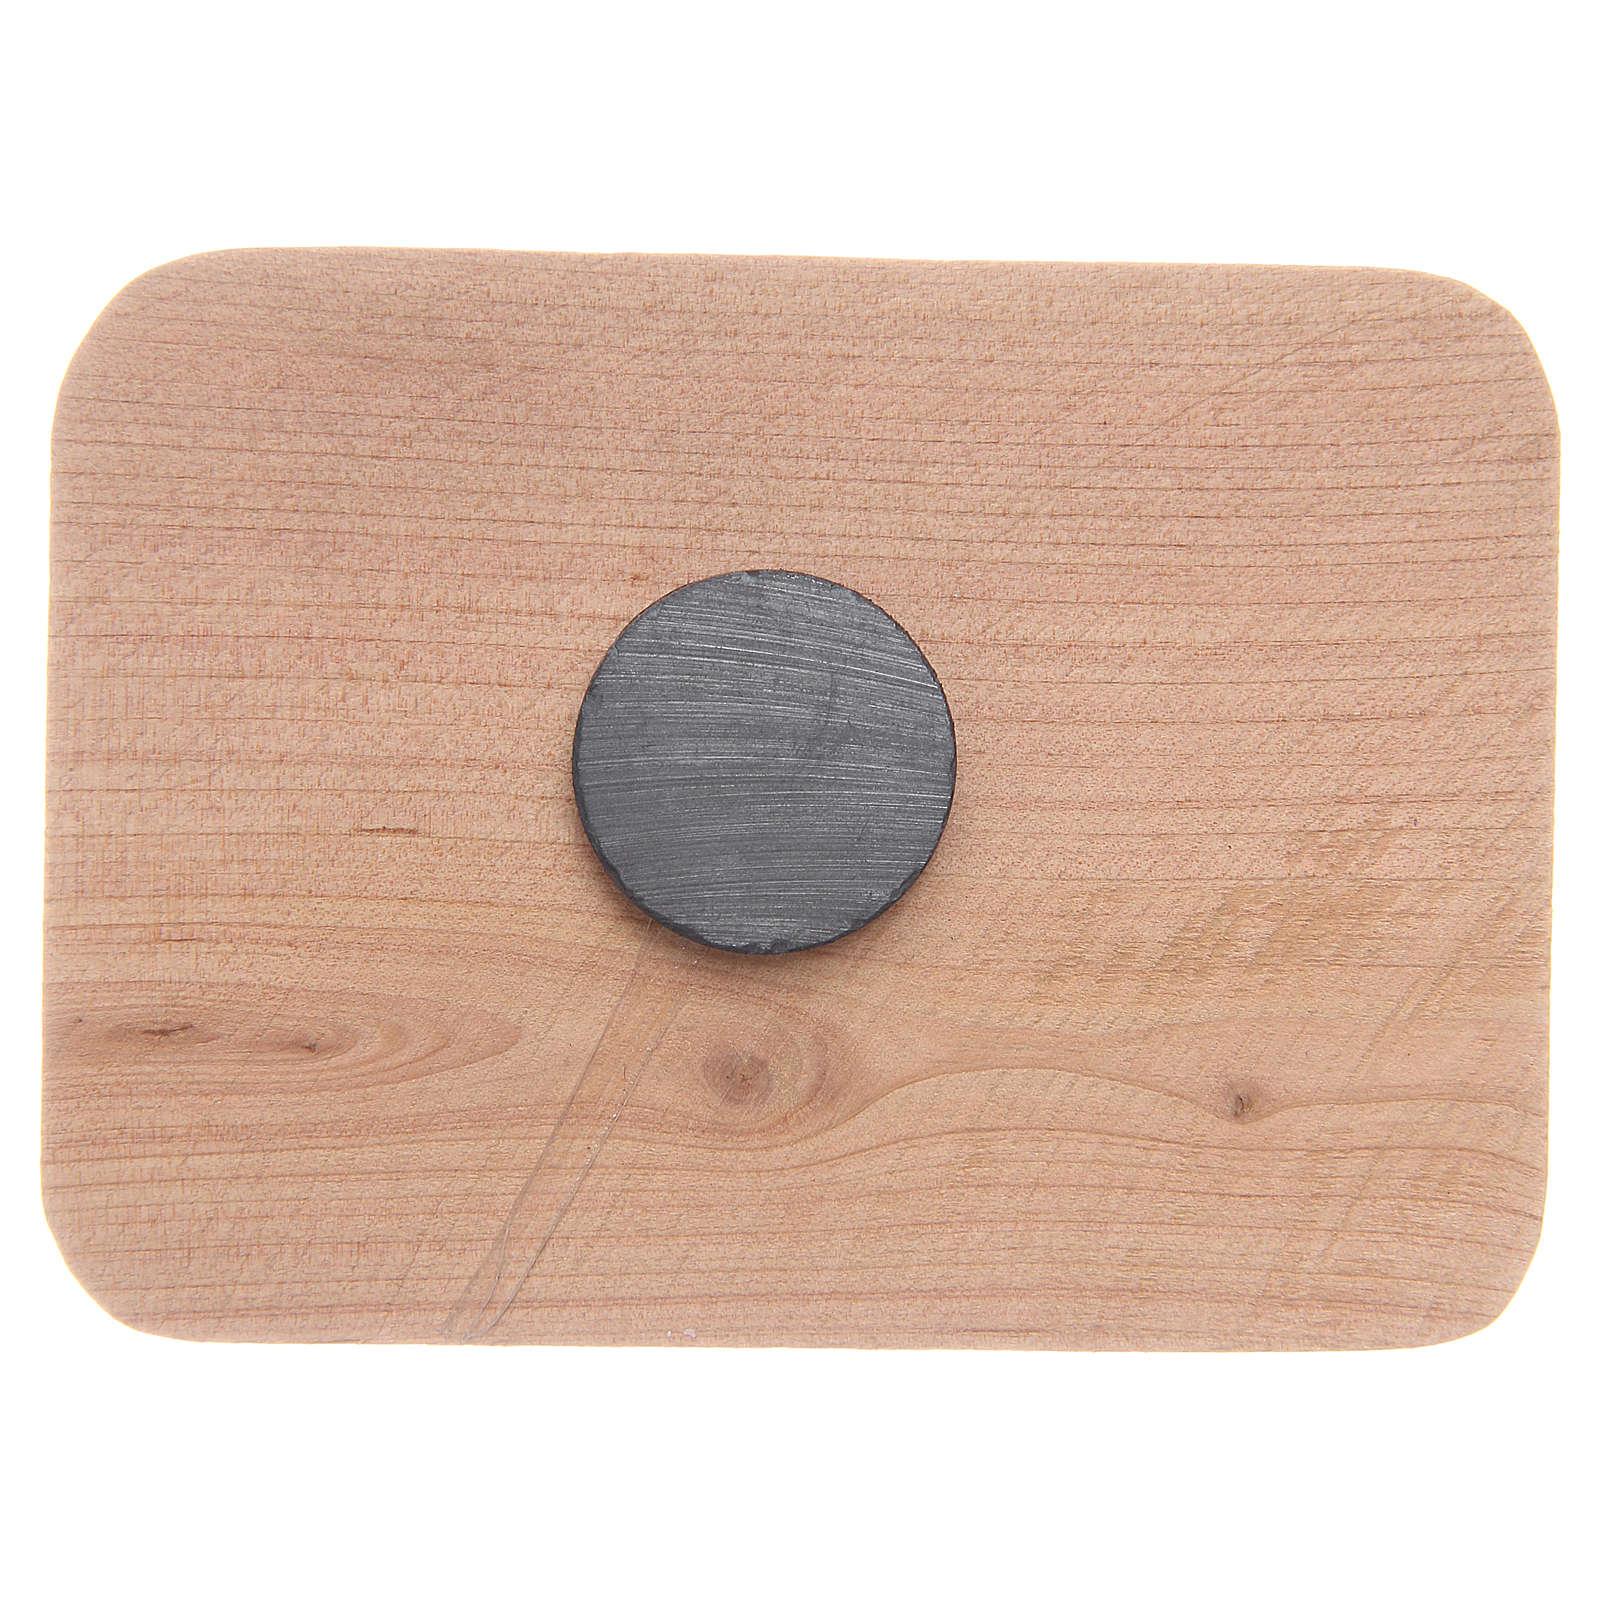 Magnet in Medjugorje olive wood, 8x5,5cm 4